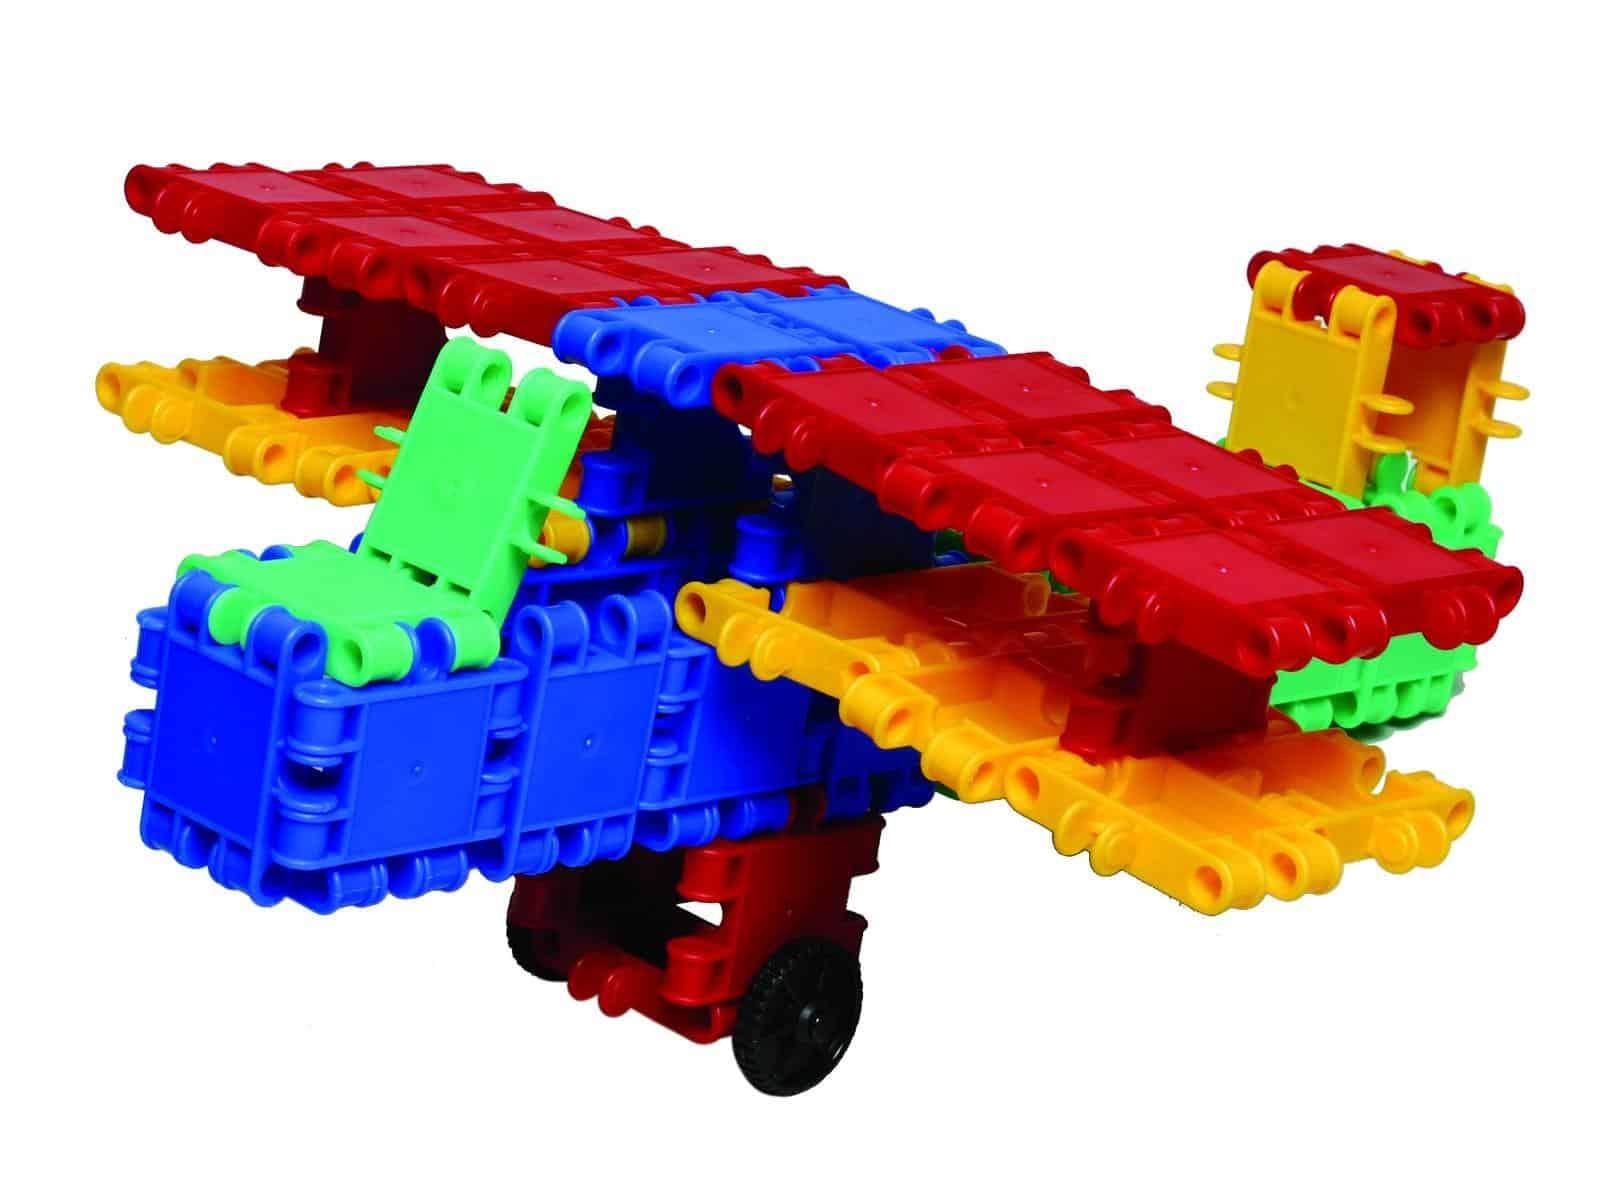 Hedendaags Clics bouwsysteem is leerzaam speelgoed - Hobby.blogo.nl RQ-74